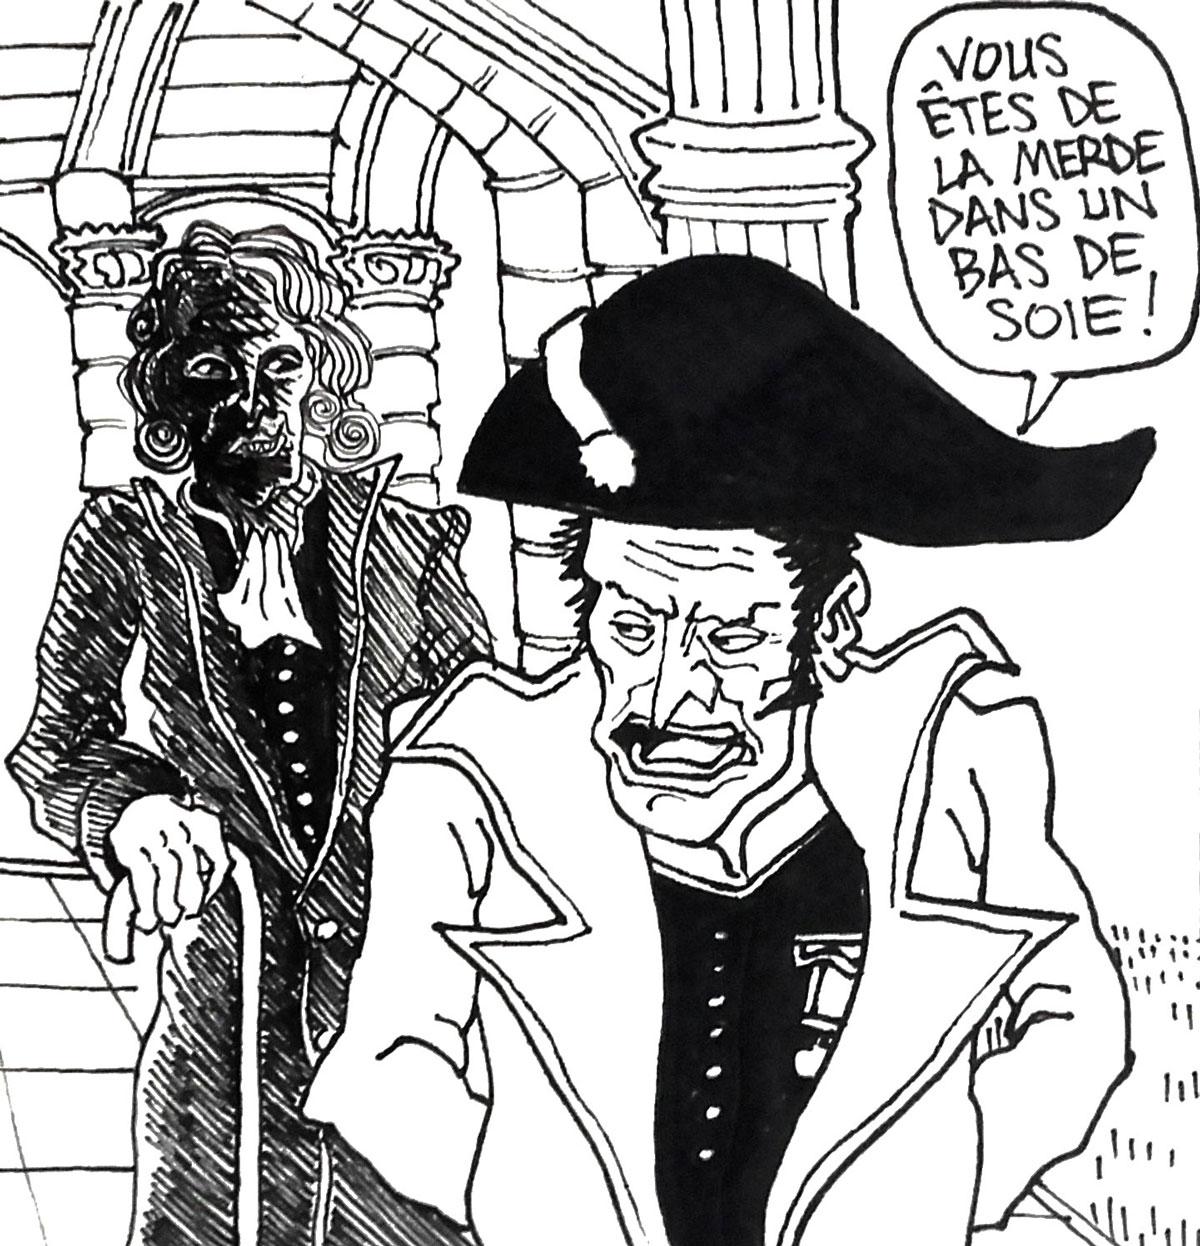 Talleyrand, l'homme qui a survécut à tous les régimes. Illustrations de Su Zo